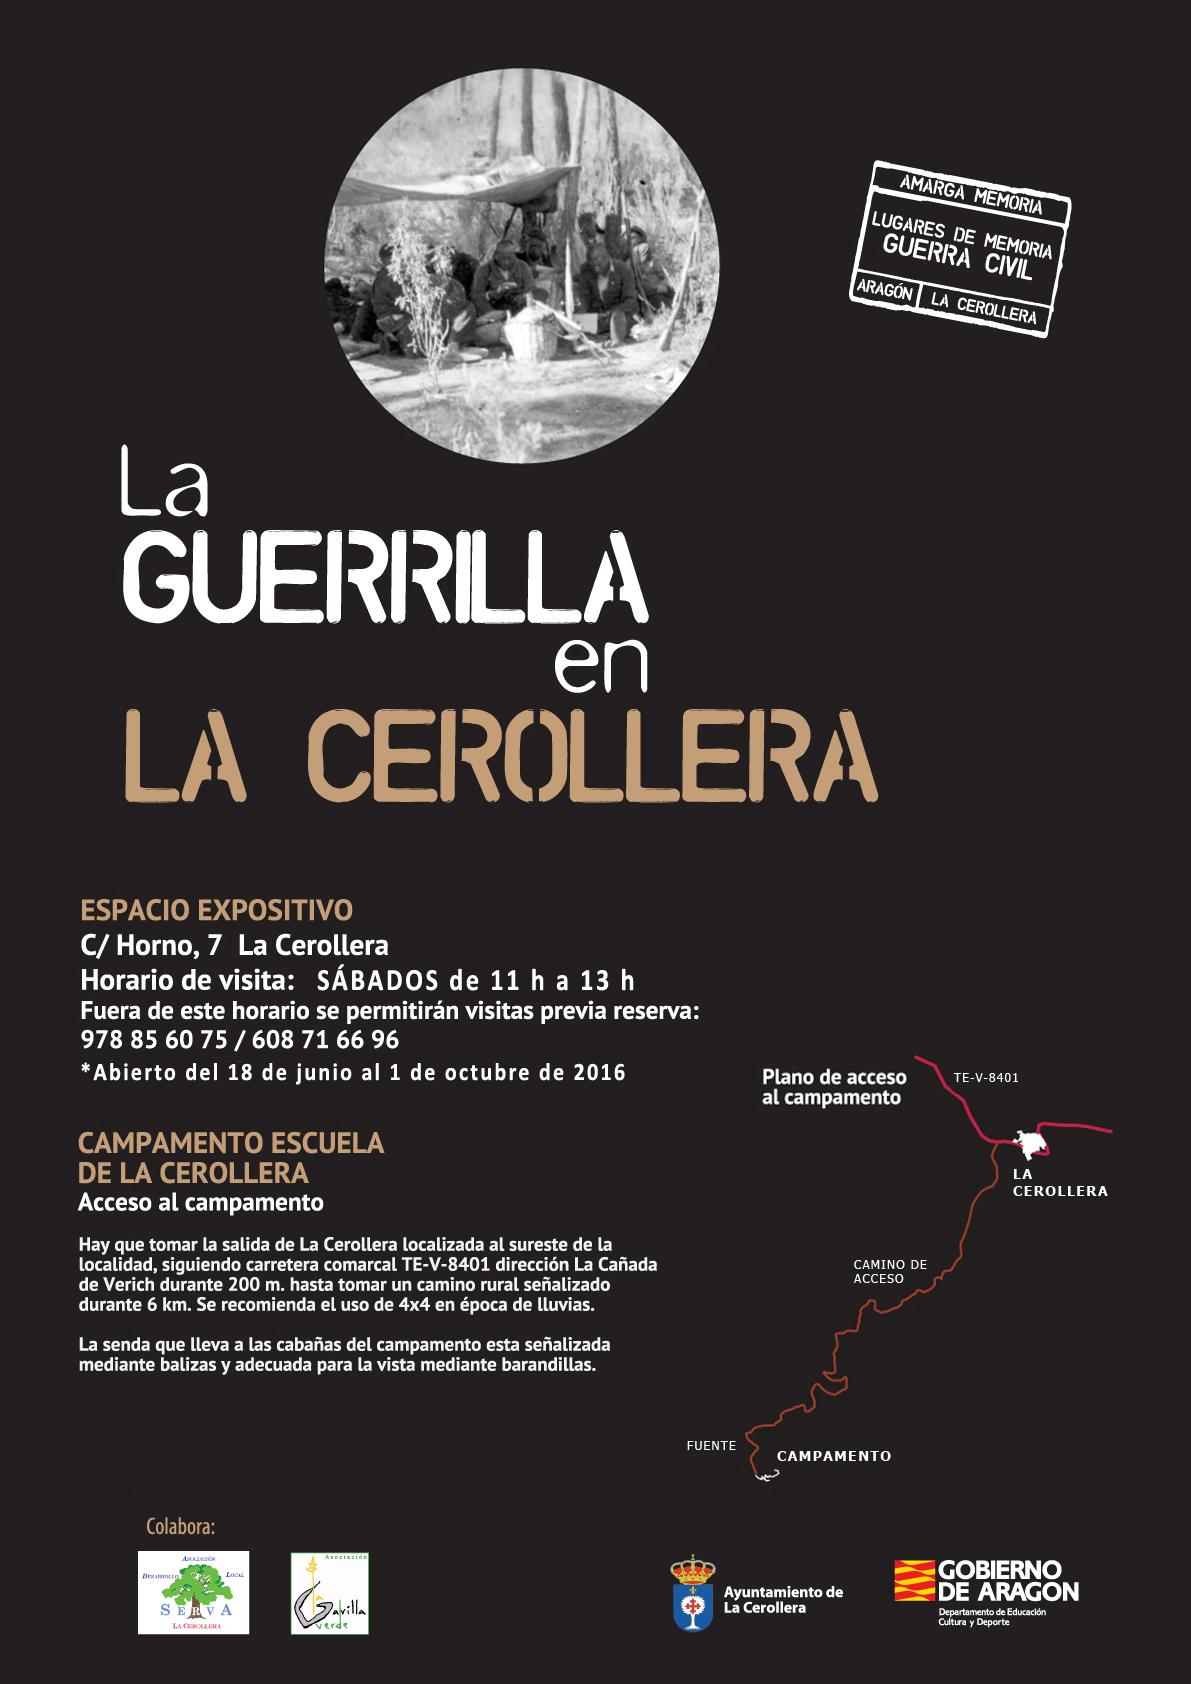 Logotipo La Guerrilla en La Cerollera